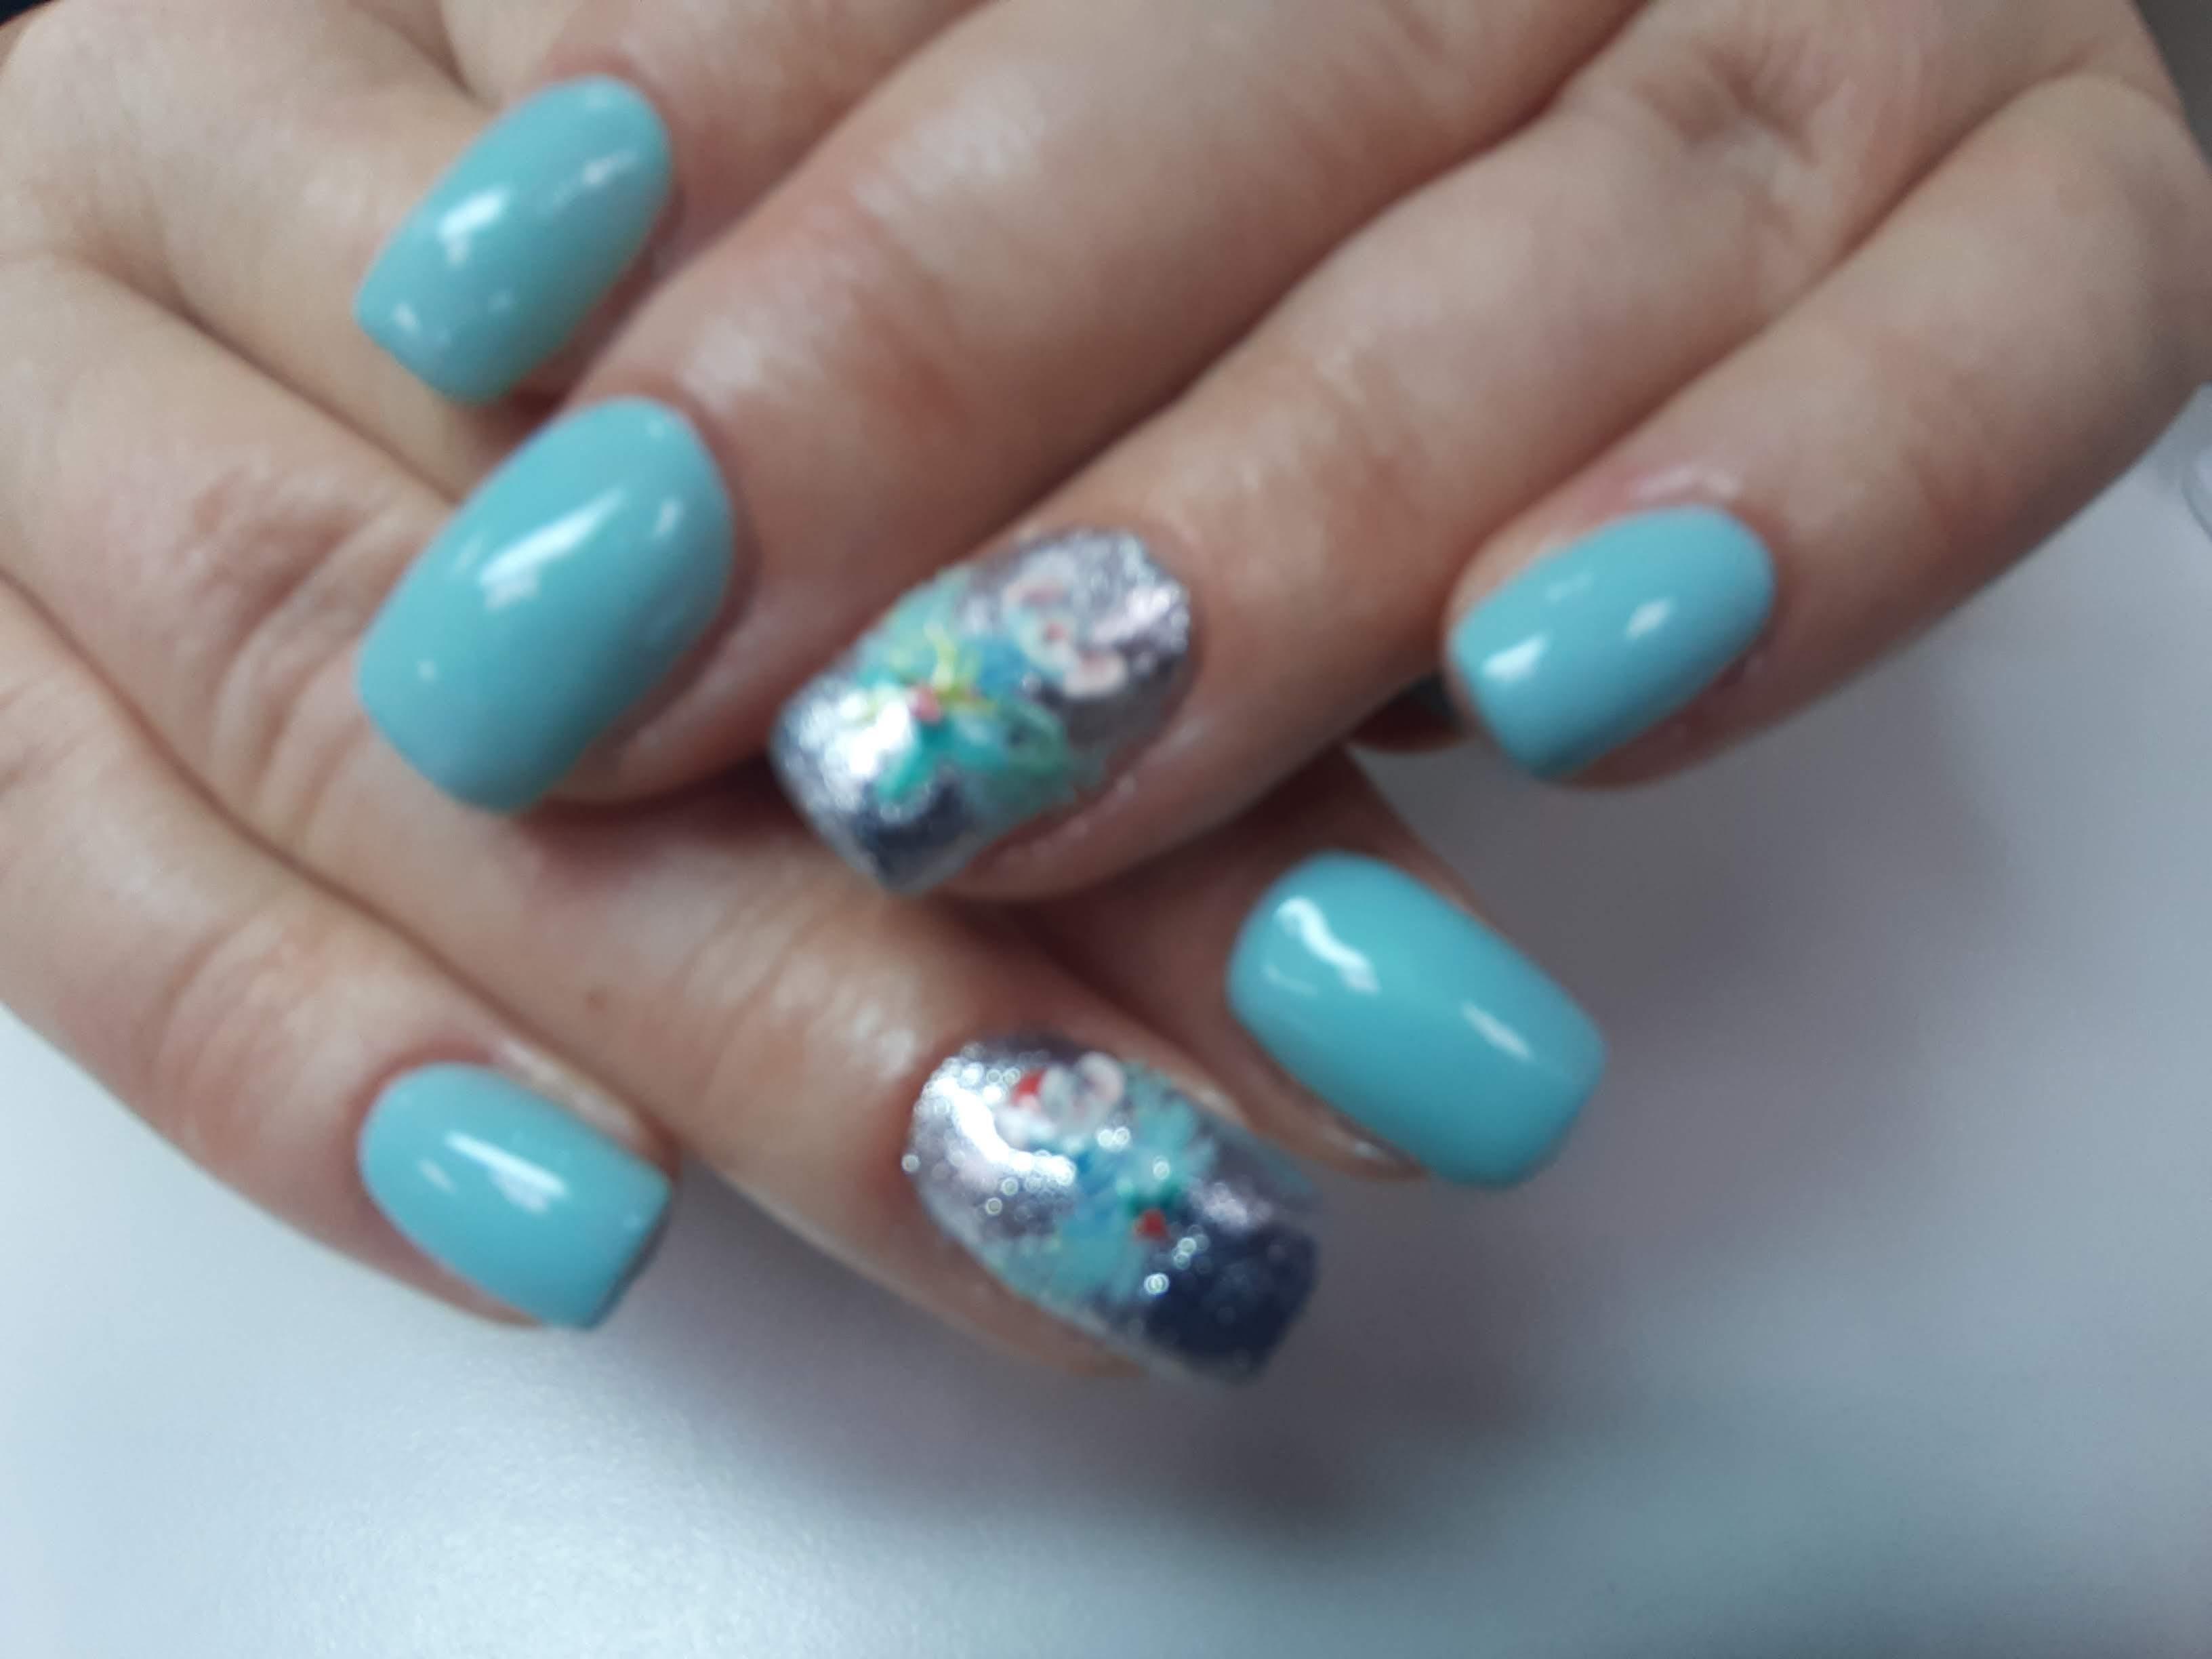 Маникюр с серебряными блестками в голубом цвете.